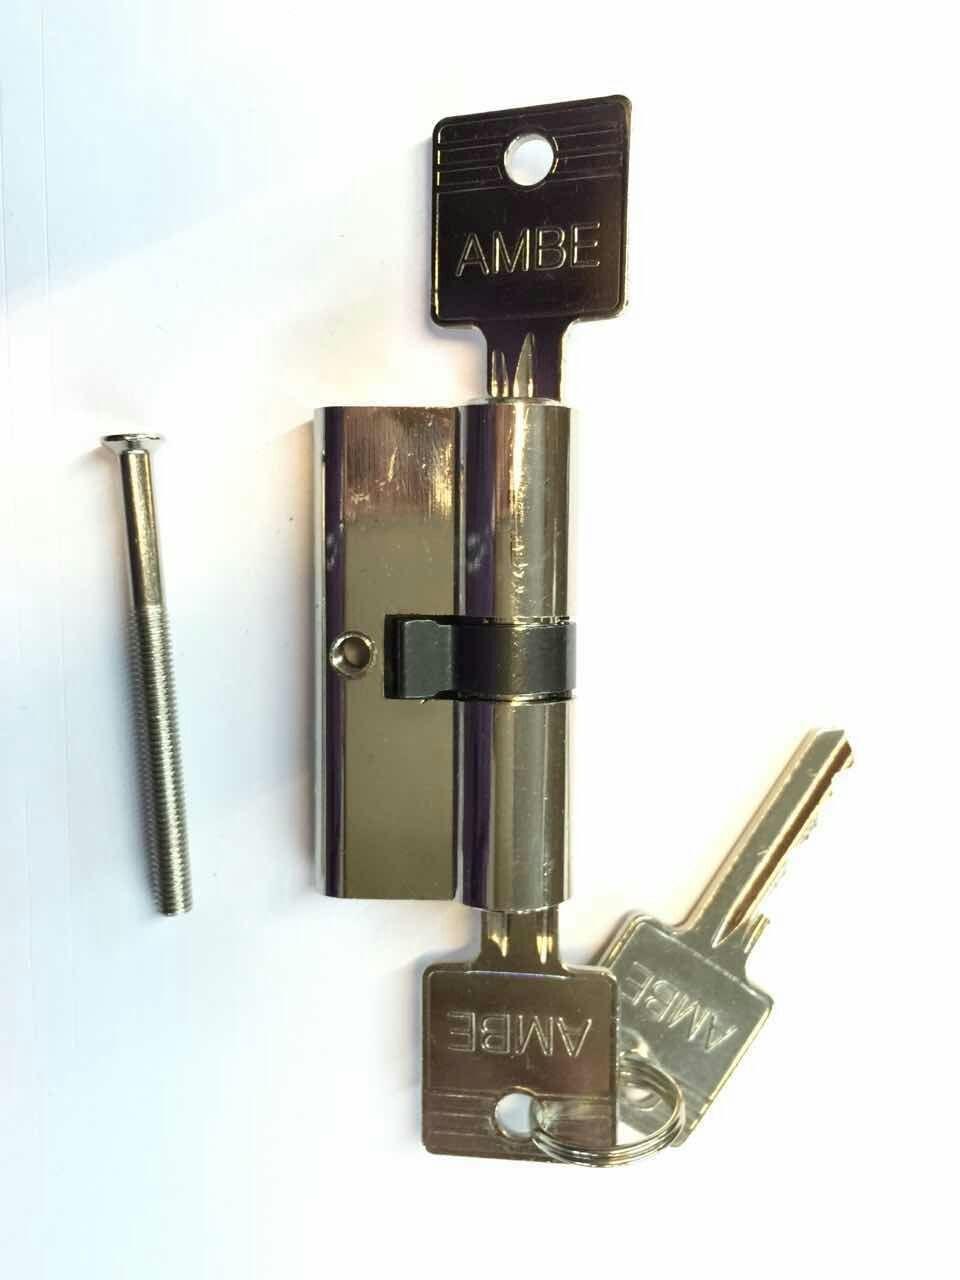 60mm zylinderschloss schlie zylinder profilzylinder t rschloss inkl 3 schl ssel ebay. Black Bedroom Furniture Sets. Home Design Ideas